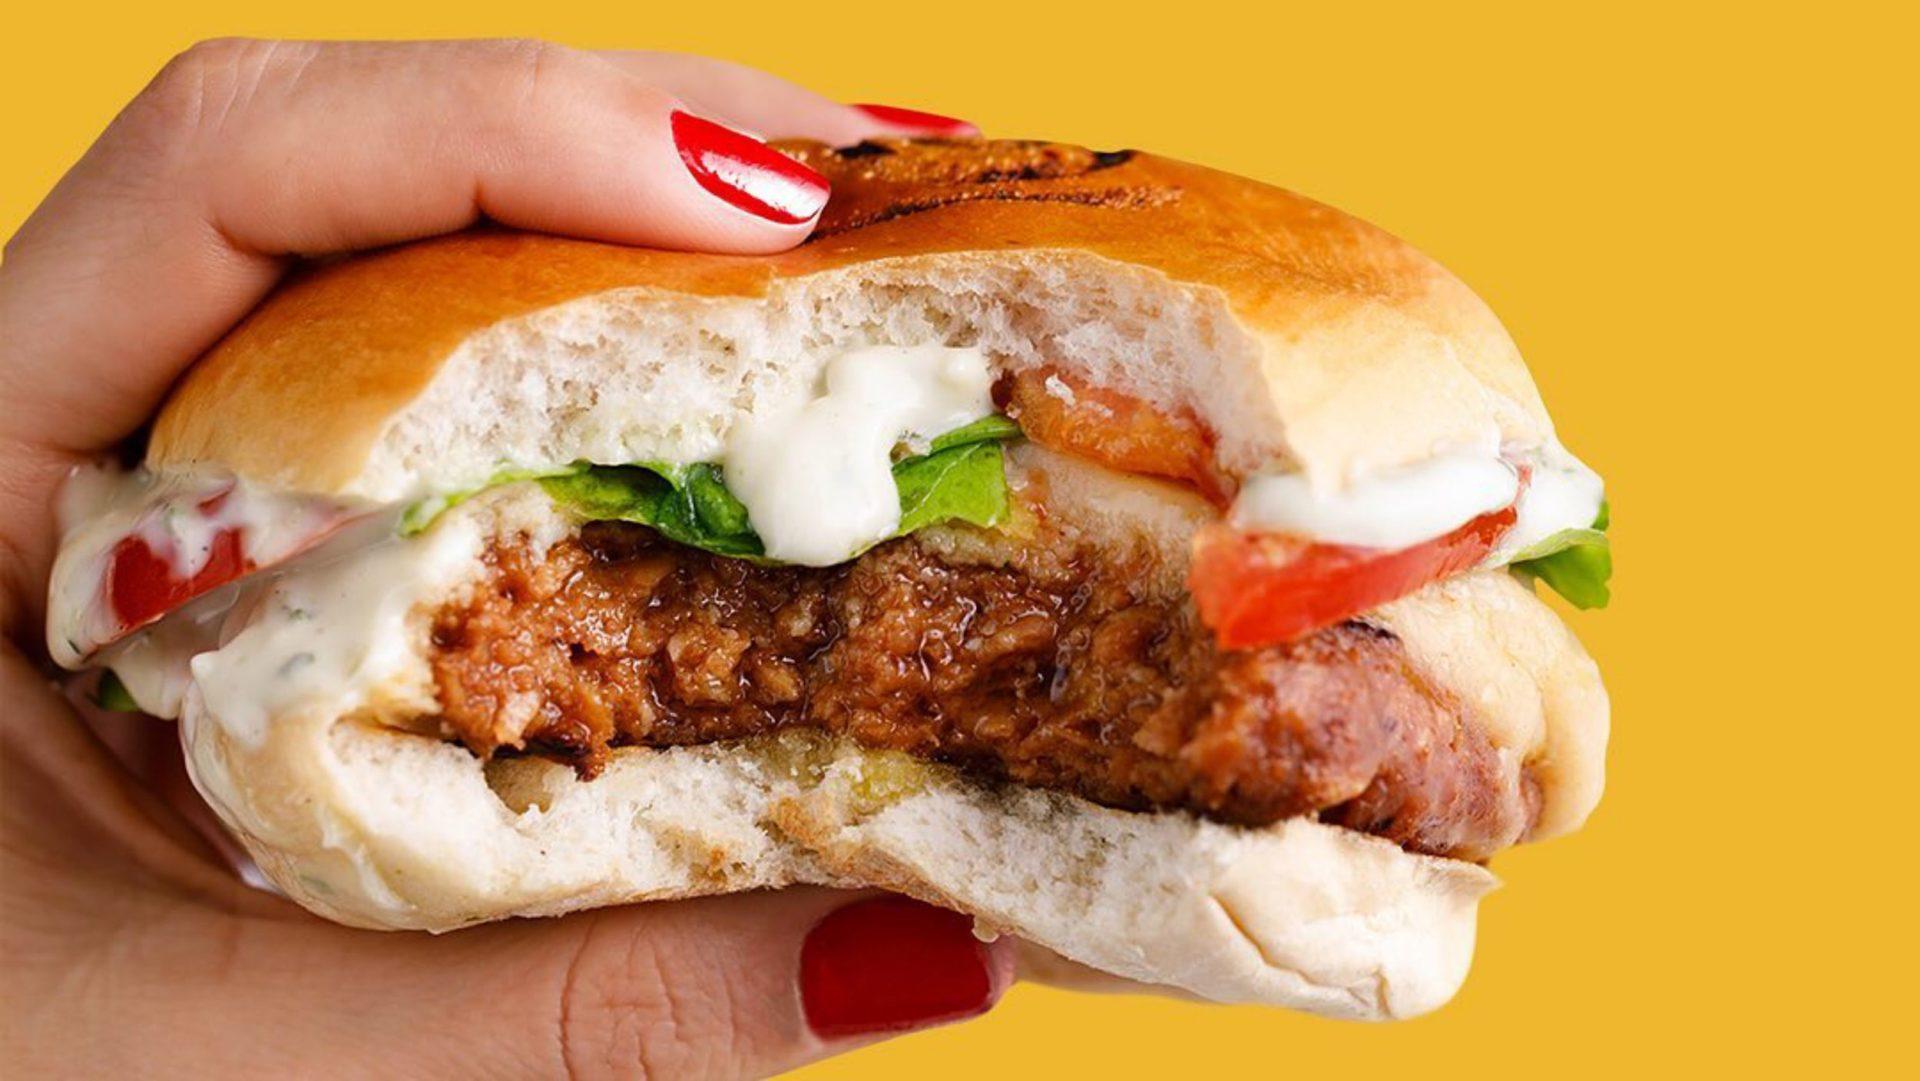 Mão segurando sanduíche de hamburguer vegetal: Burguer do Futuro, da LC Futuro, produto da parceria entre a Fazenda Futuro e a Lanchonete da Cidade / Foto: LC Futuro (divulgação)